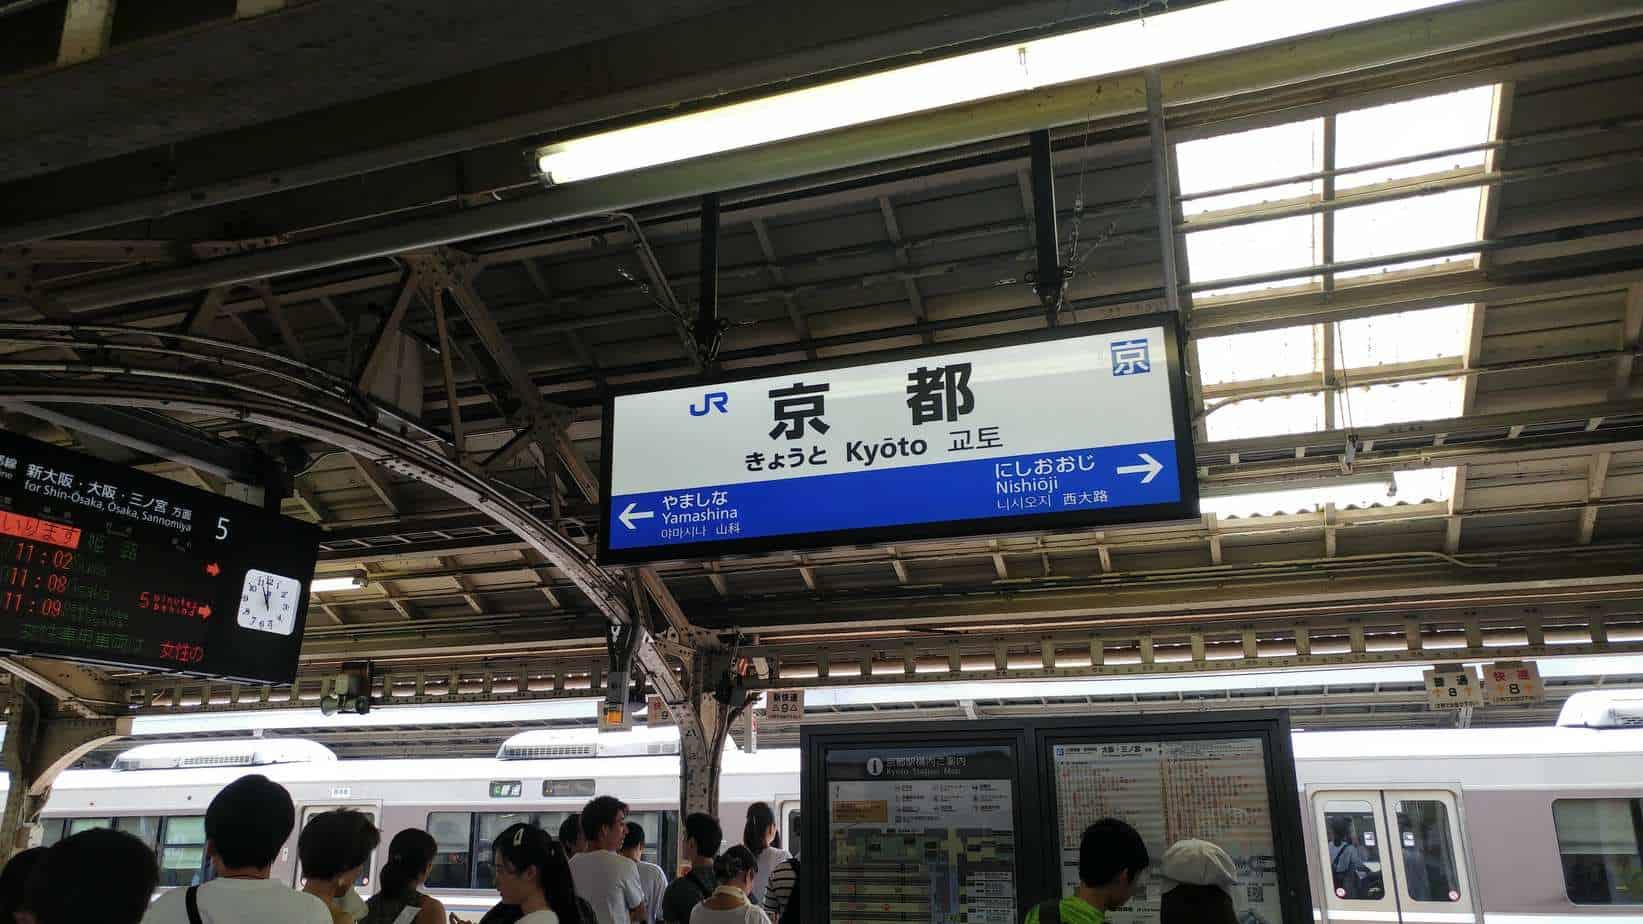 קיוטו עם ילדים - תחנת ה-JR בקיוטו